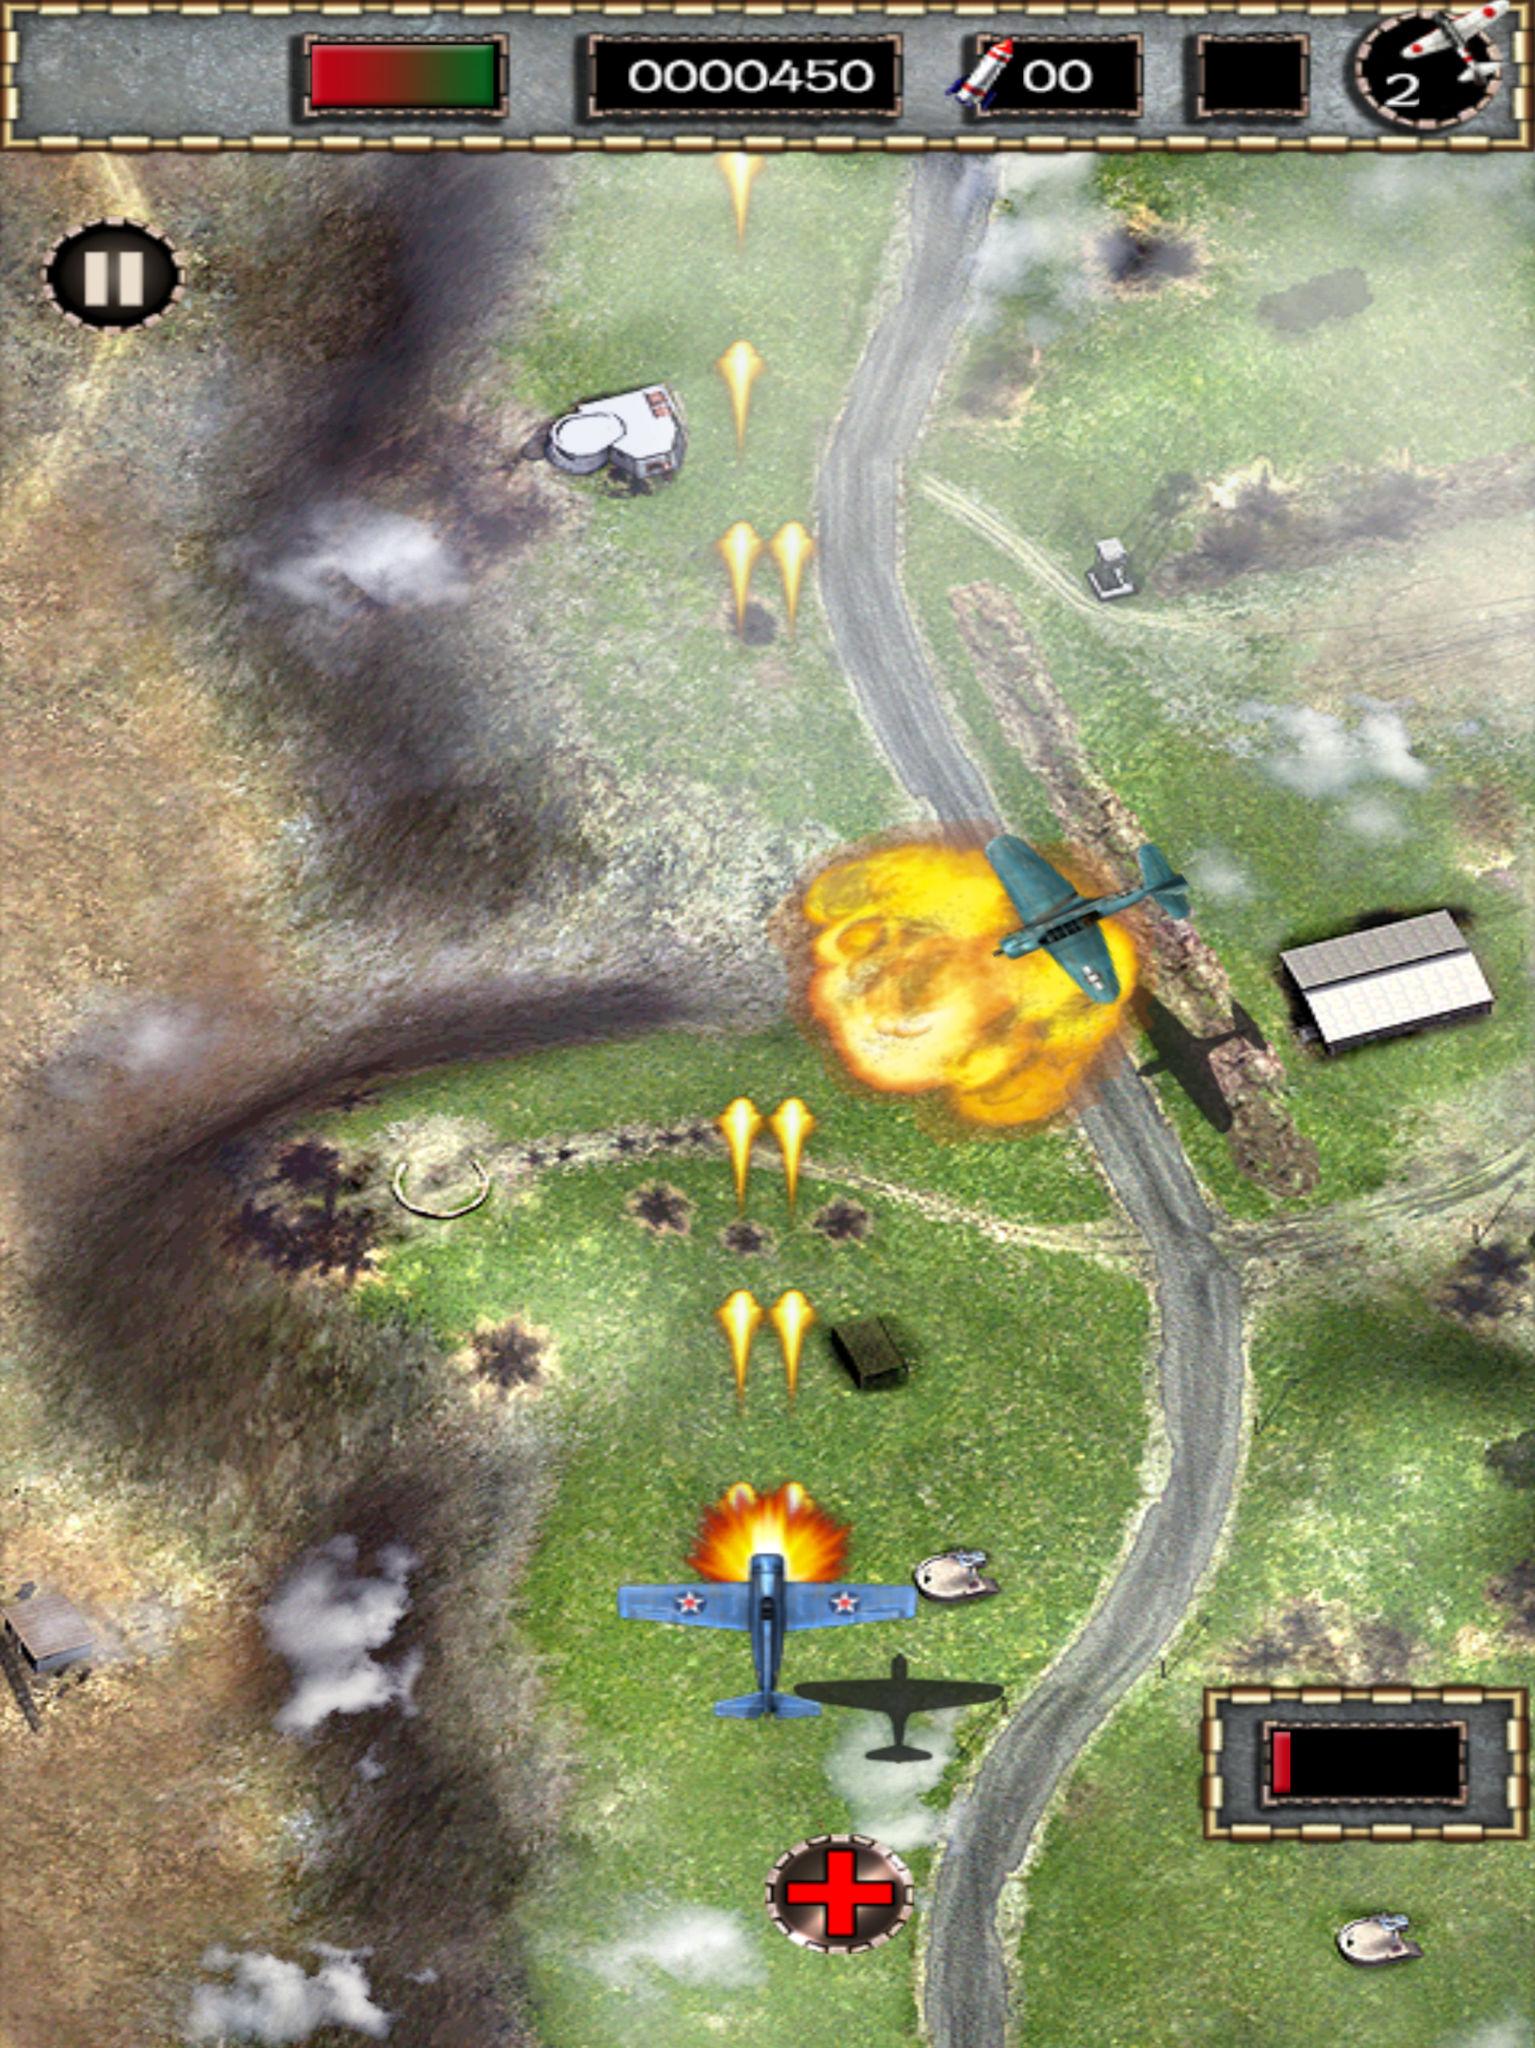 游戏普通飞机炮弹素材